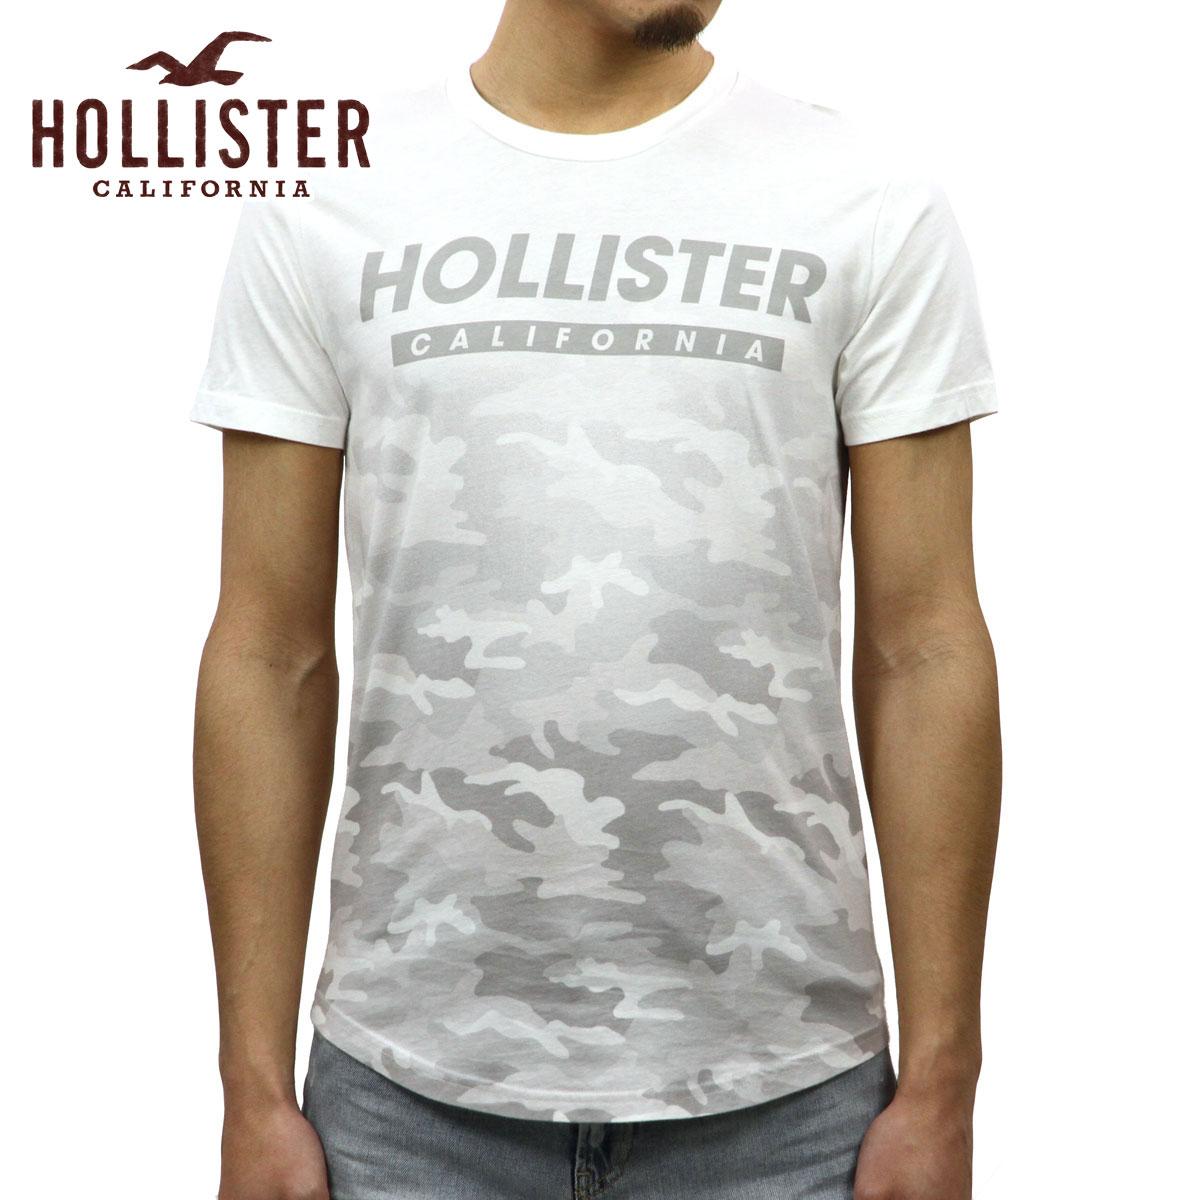 ホリスター HOLLISTER 正規品 メンズ 半袖クルーネックTシャツ Camo Graphic Tee 323-243-2244-185